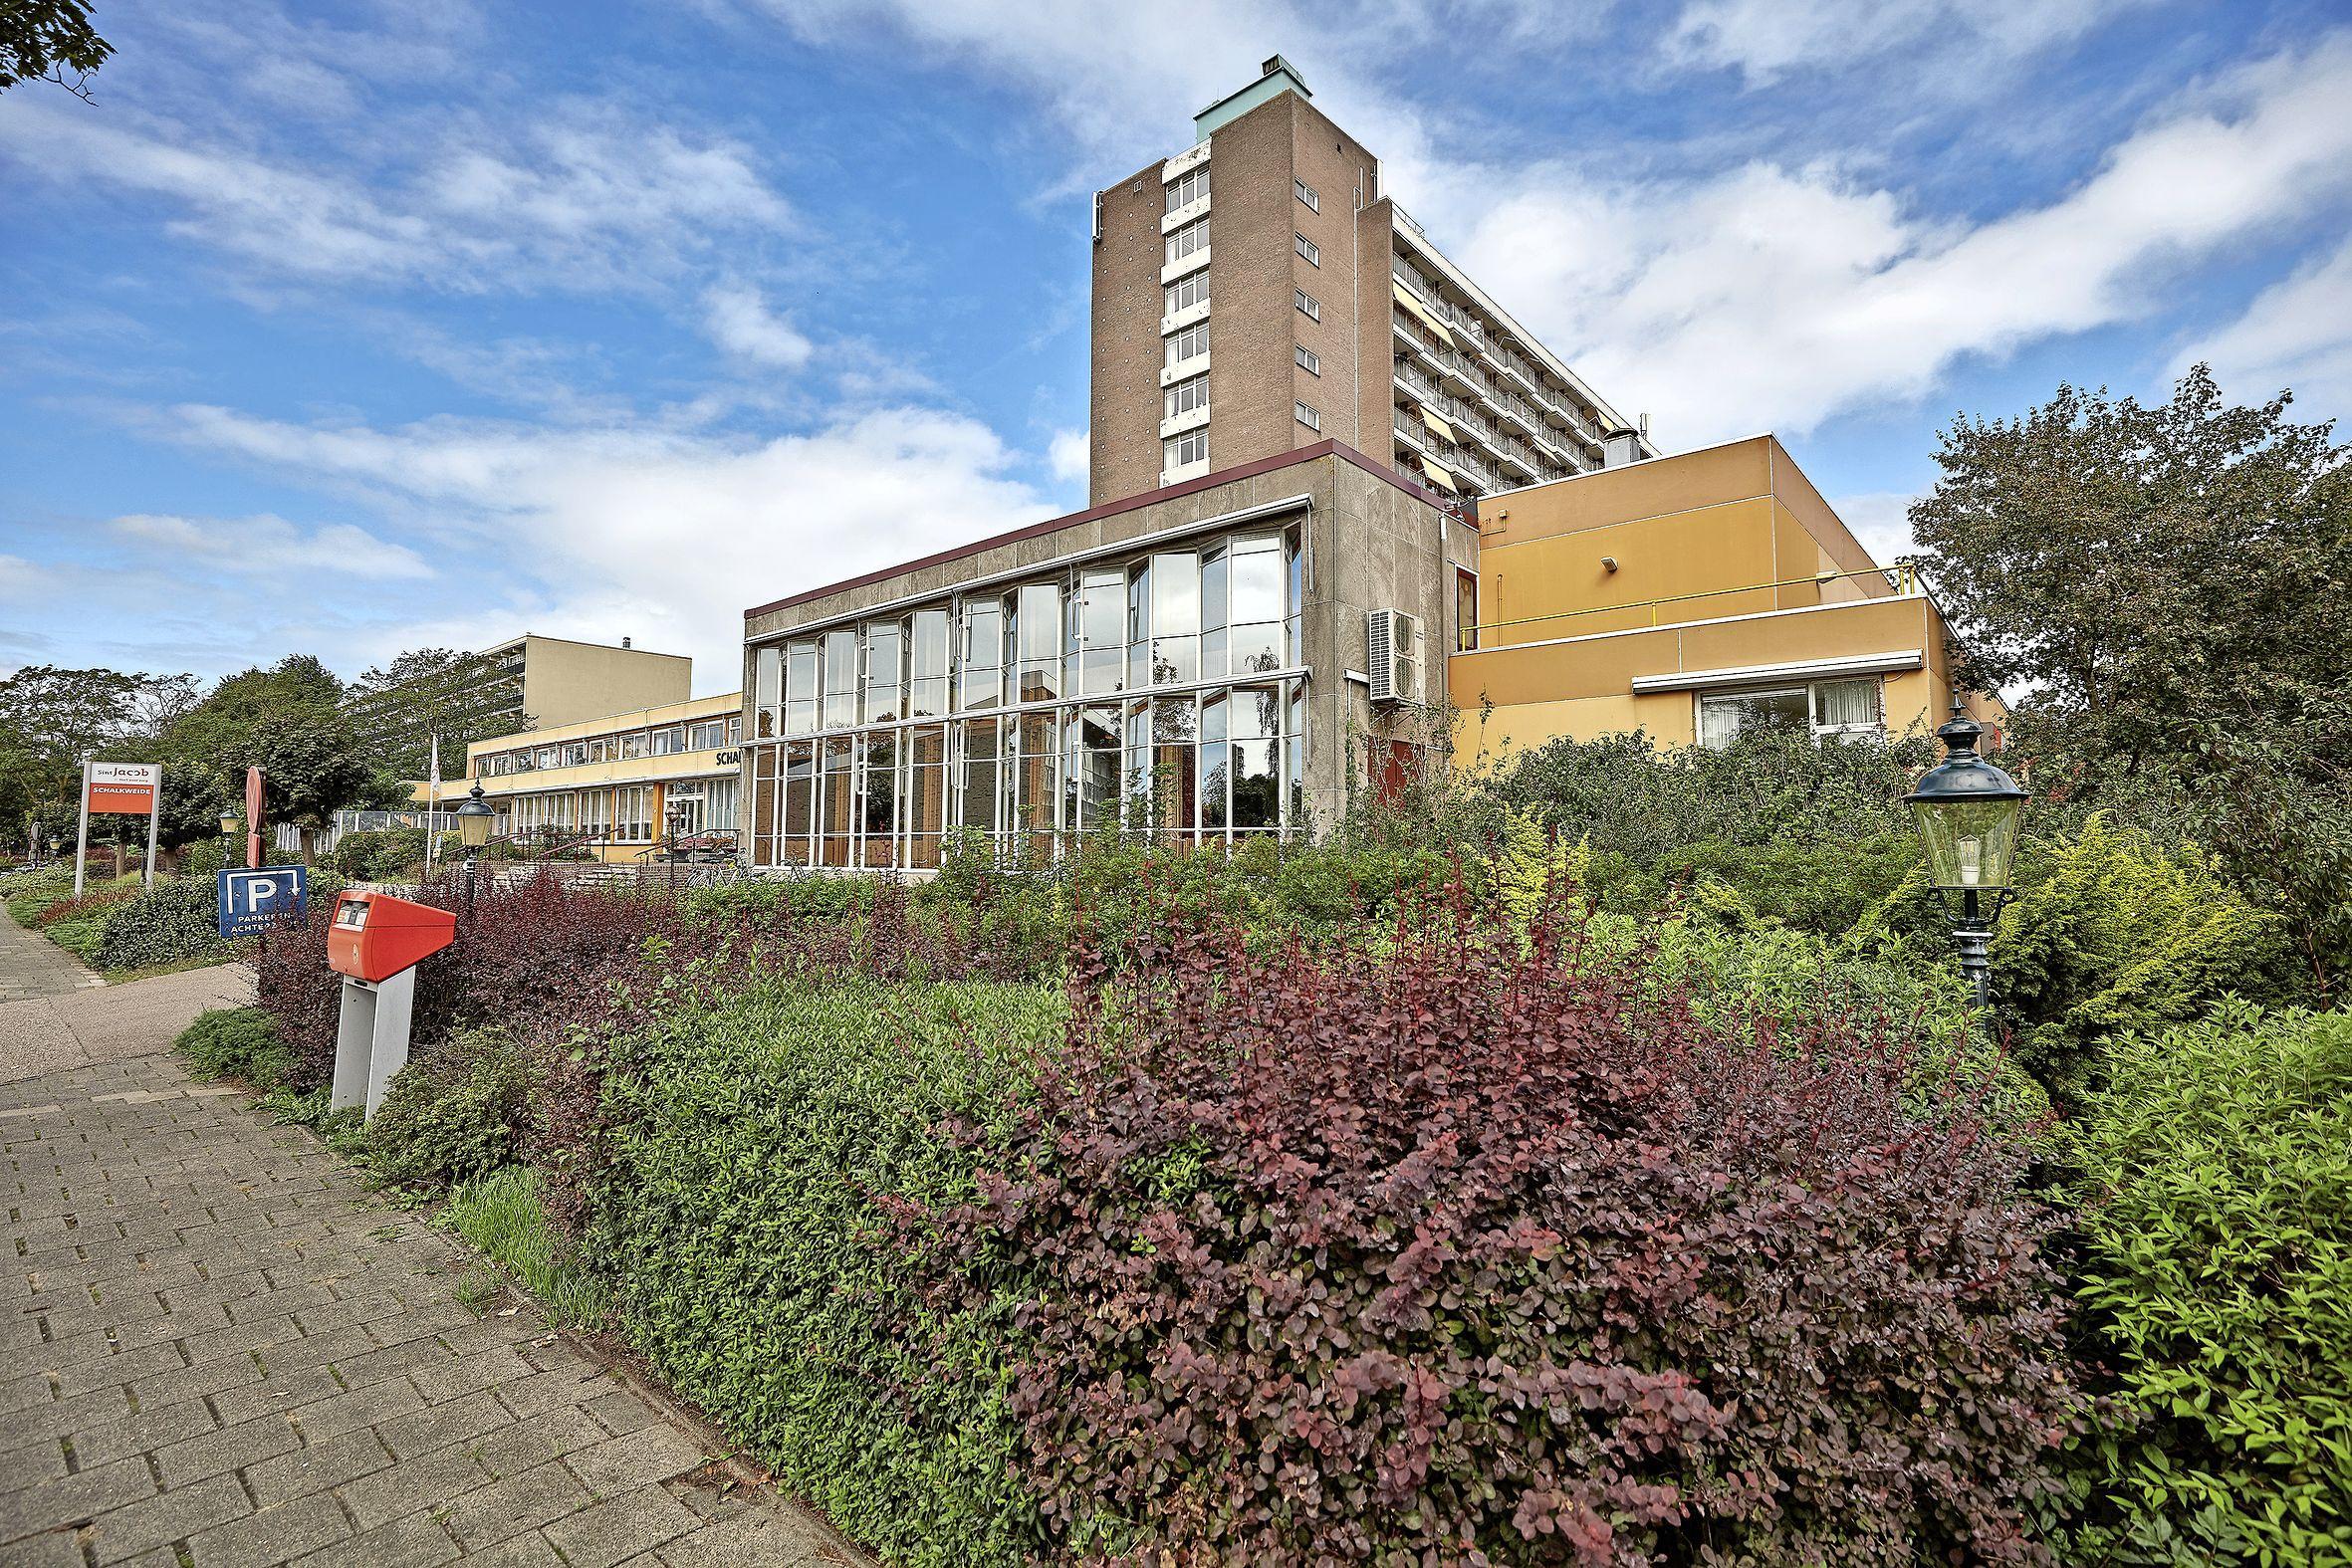 Een hoop mis in Haarlems zorgcentrum Schalkweide. 'Klopt', zegt Sint Jacob: 'Verbeteringen zijn noodzakelijk. We werken er hard aan'